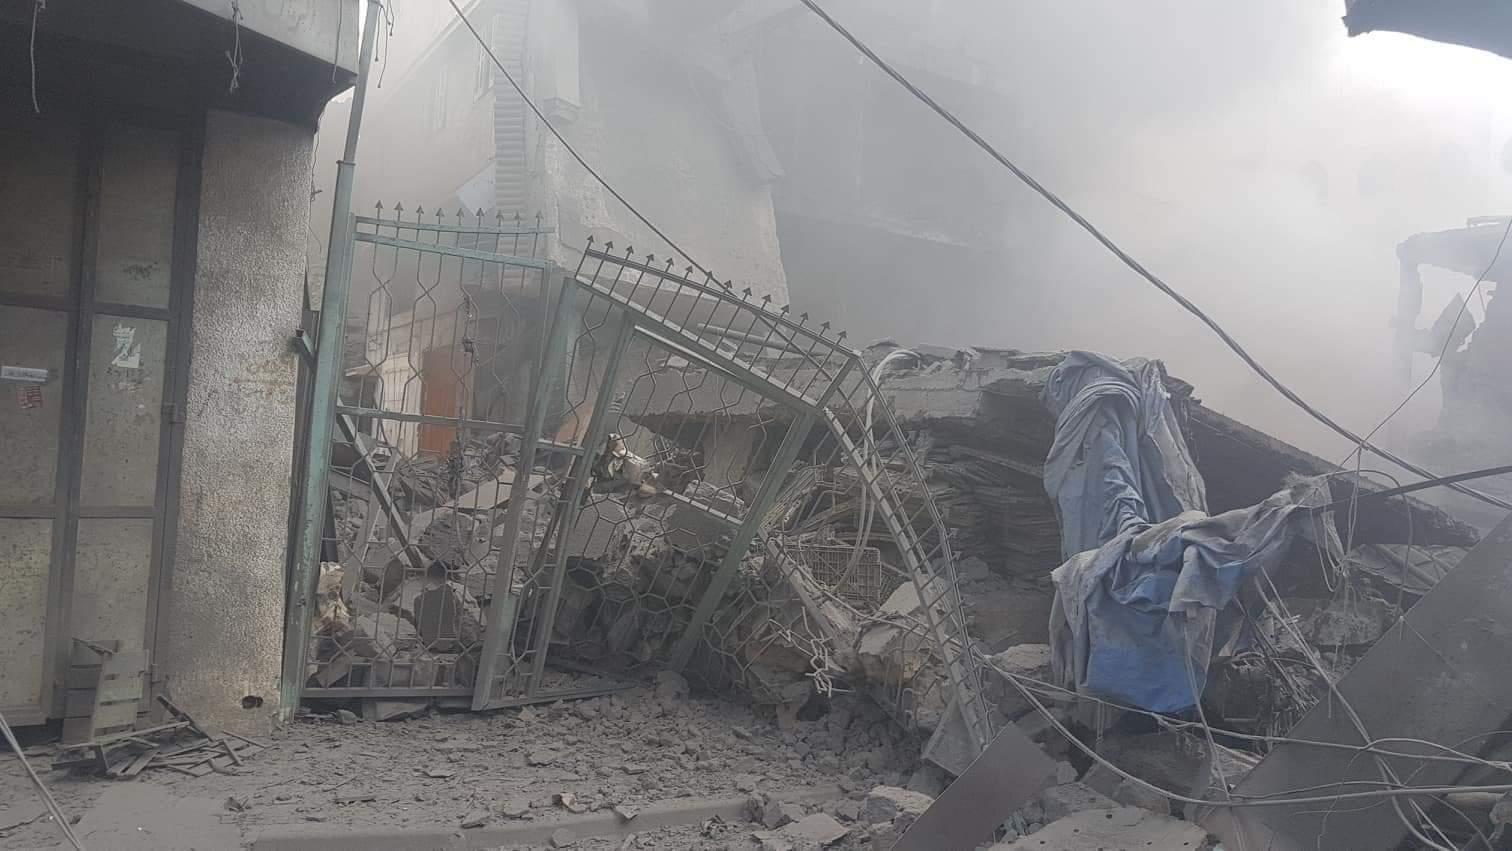 В Газе произошел мощный взрыв на рынке: есть раненые и погибшие (ФОТО) - фото 3